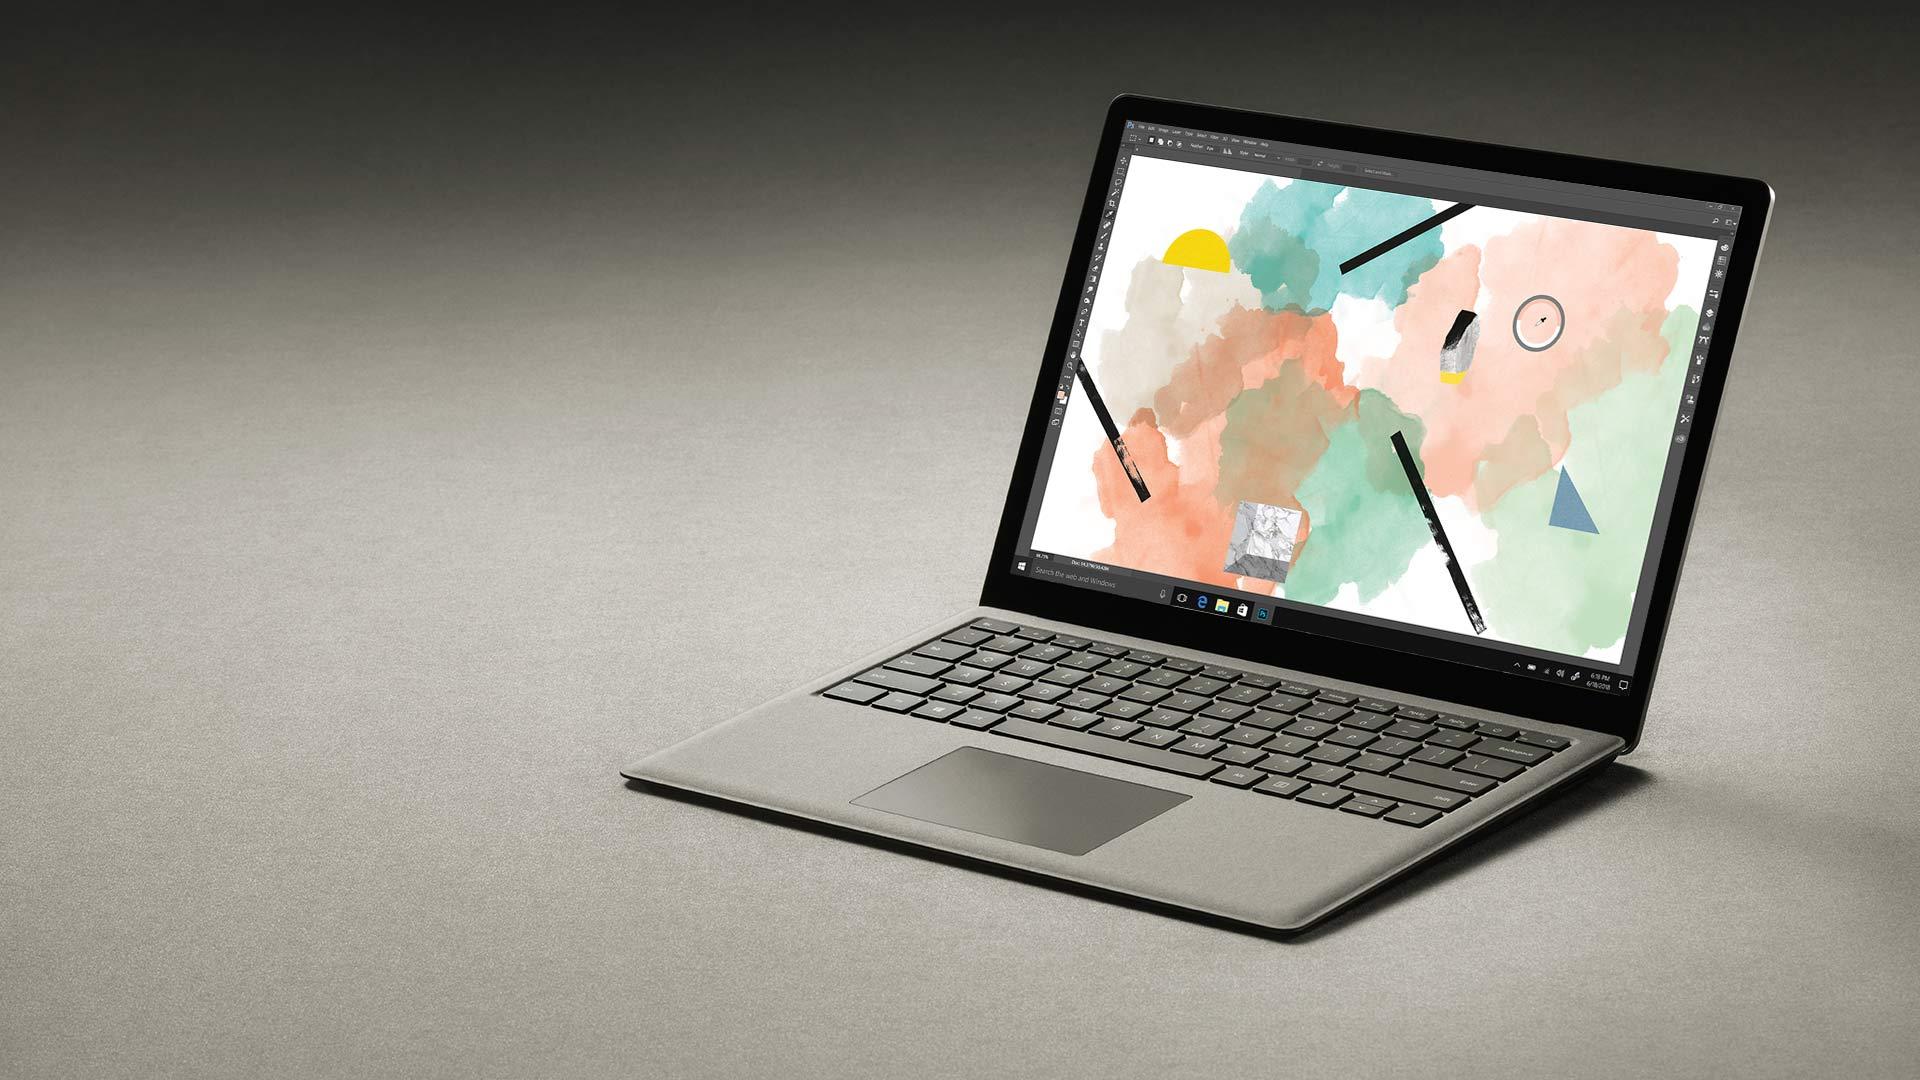 Surface Laptop doré avec écran Adobe Photoshop.